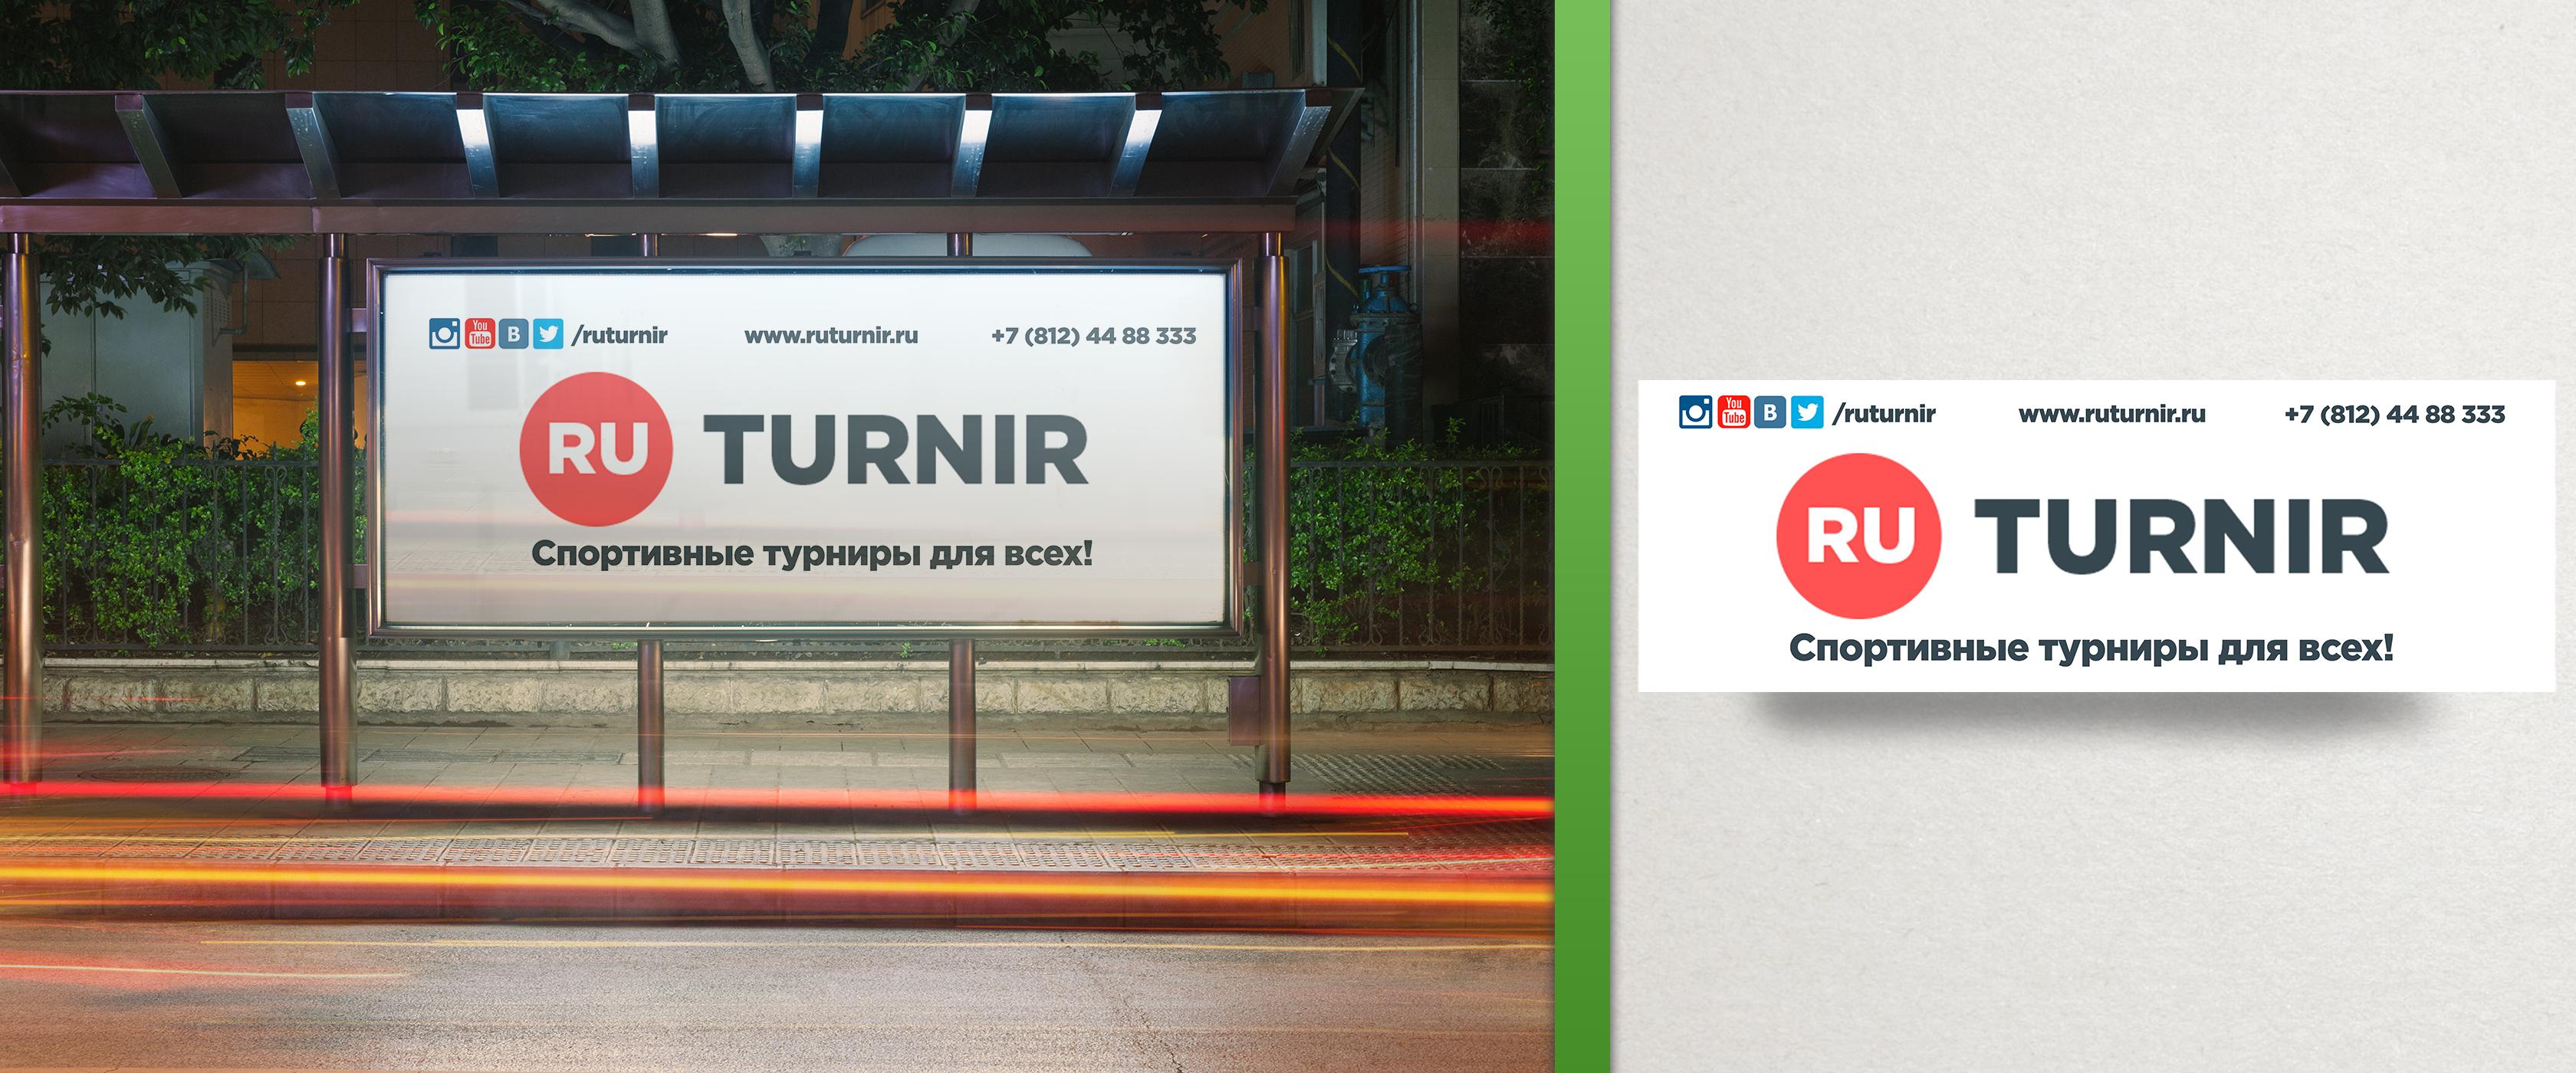 Банер спортивного турнира RUTURNIR